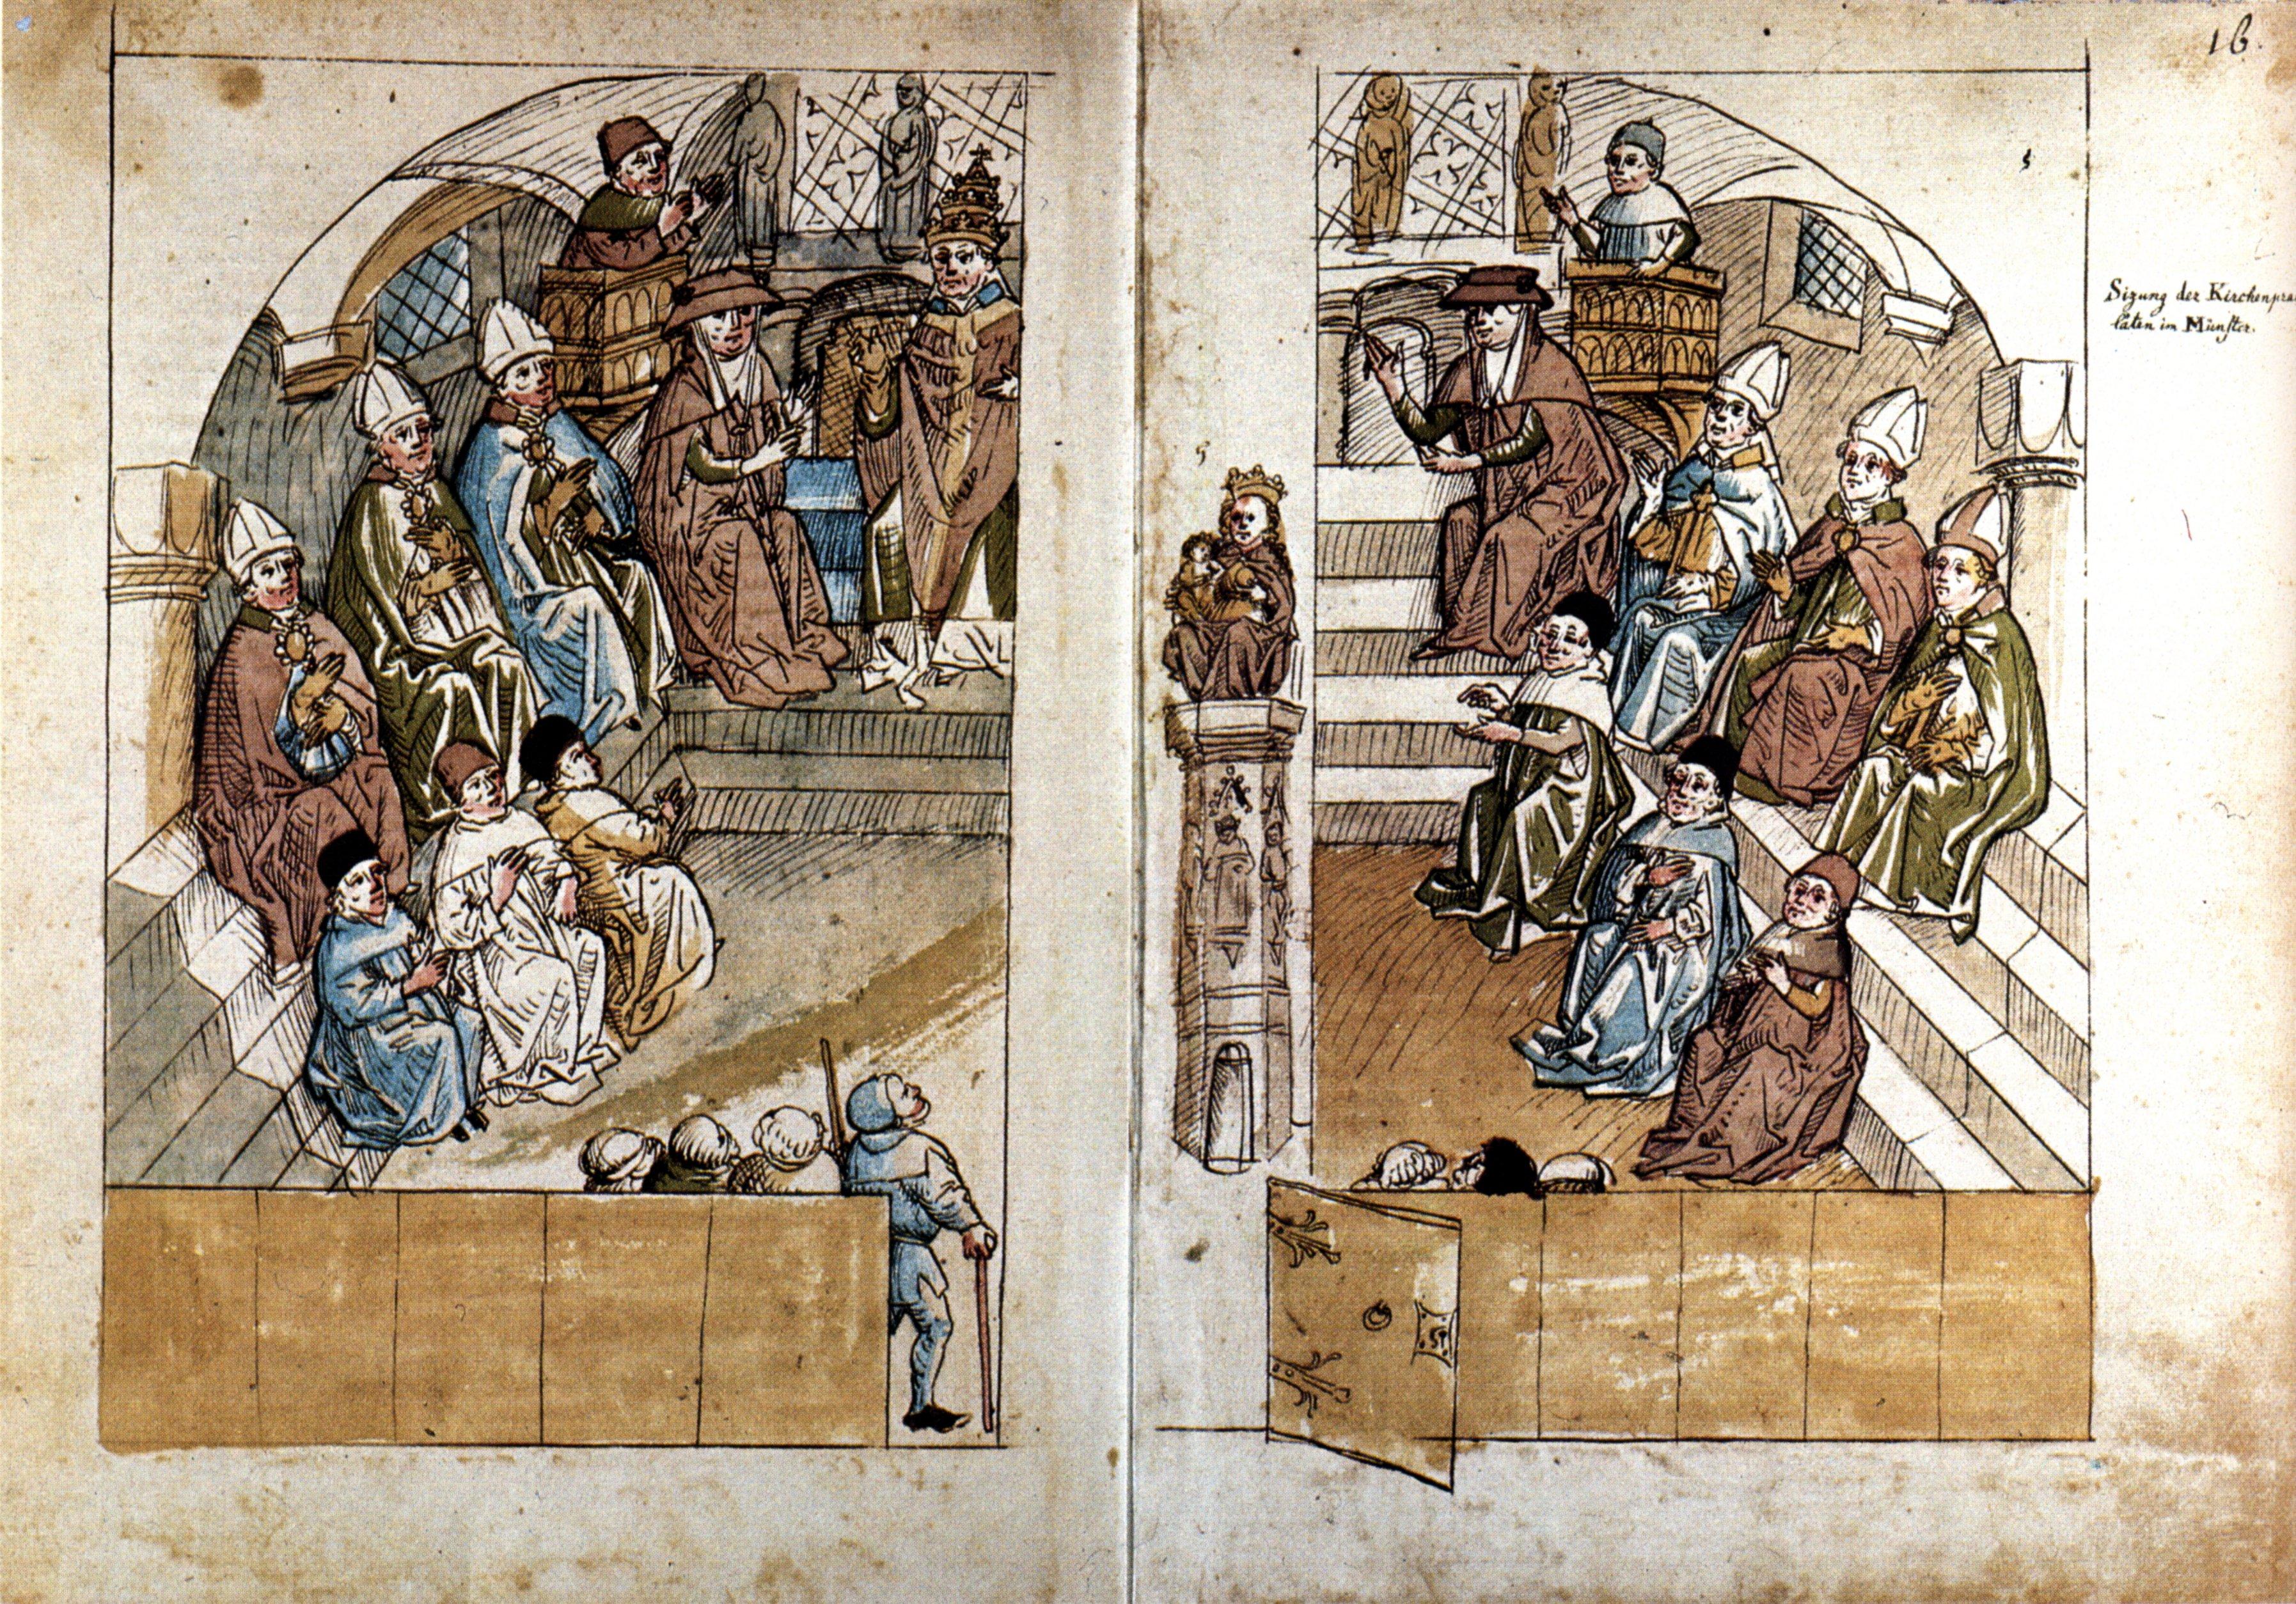 Sitzung der Gelehrten, Bischöfe, Kardinäle und des Papstes Johannes XXIII. im Konstanzer Münster. Aus der Konzilschronik Ulrichs von Richental (1460/65). Quelle: Wikipedia/wikicommons